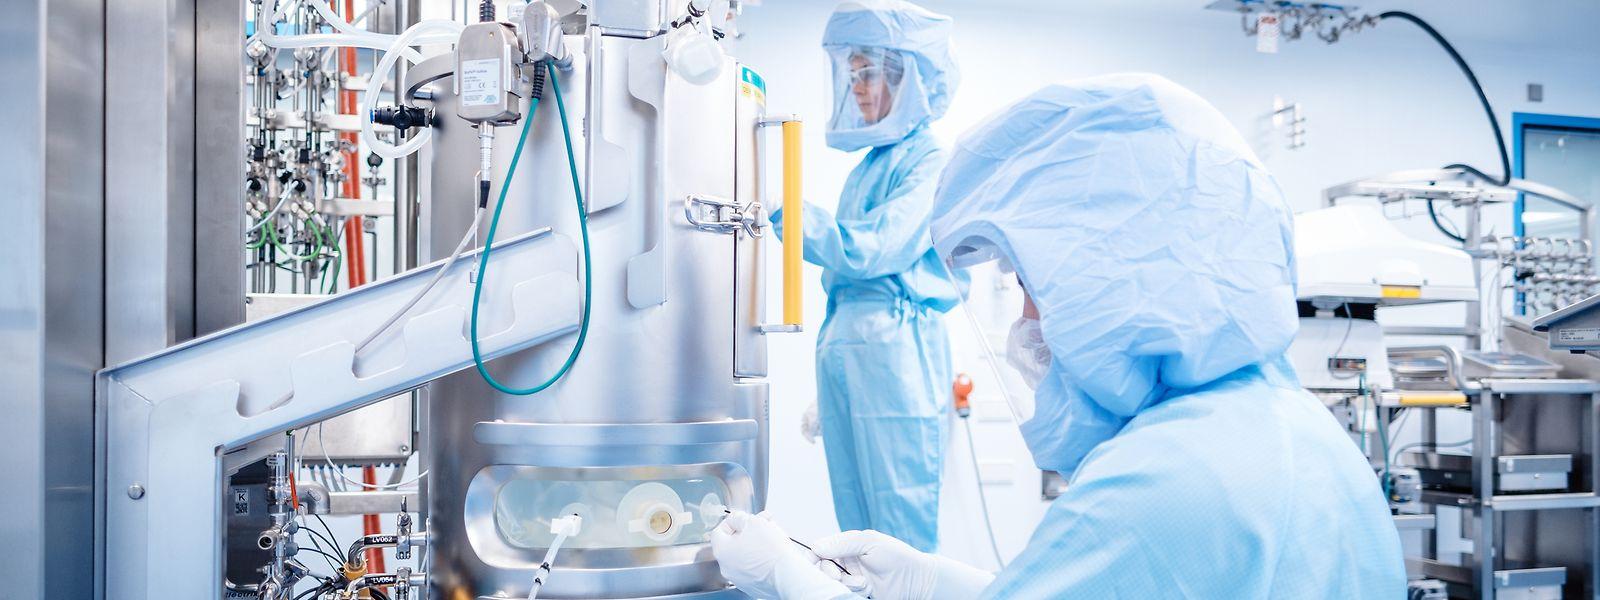 Arbeiter in der Impfstoffproduktionsanlage von Biontech in Marburg. Das Mainzer Unternehmen Biontech hat in seinem neuen Werk im hessischen Marburg mit der Produktion des Botenstoffs mRNA für den Corona-Impfstoff begonnen.